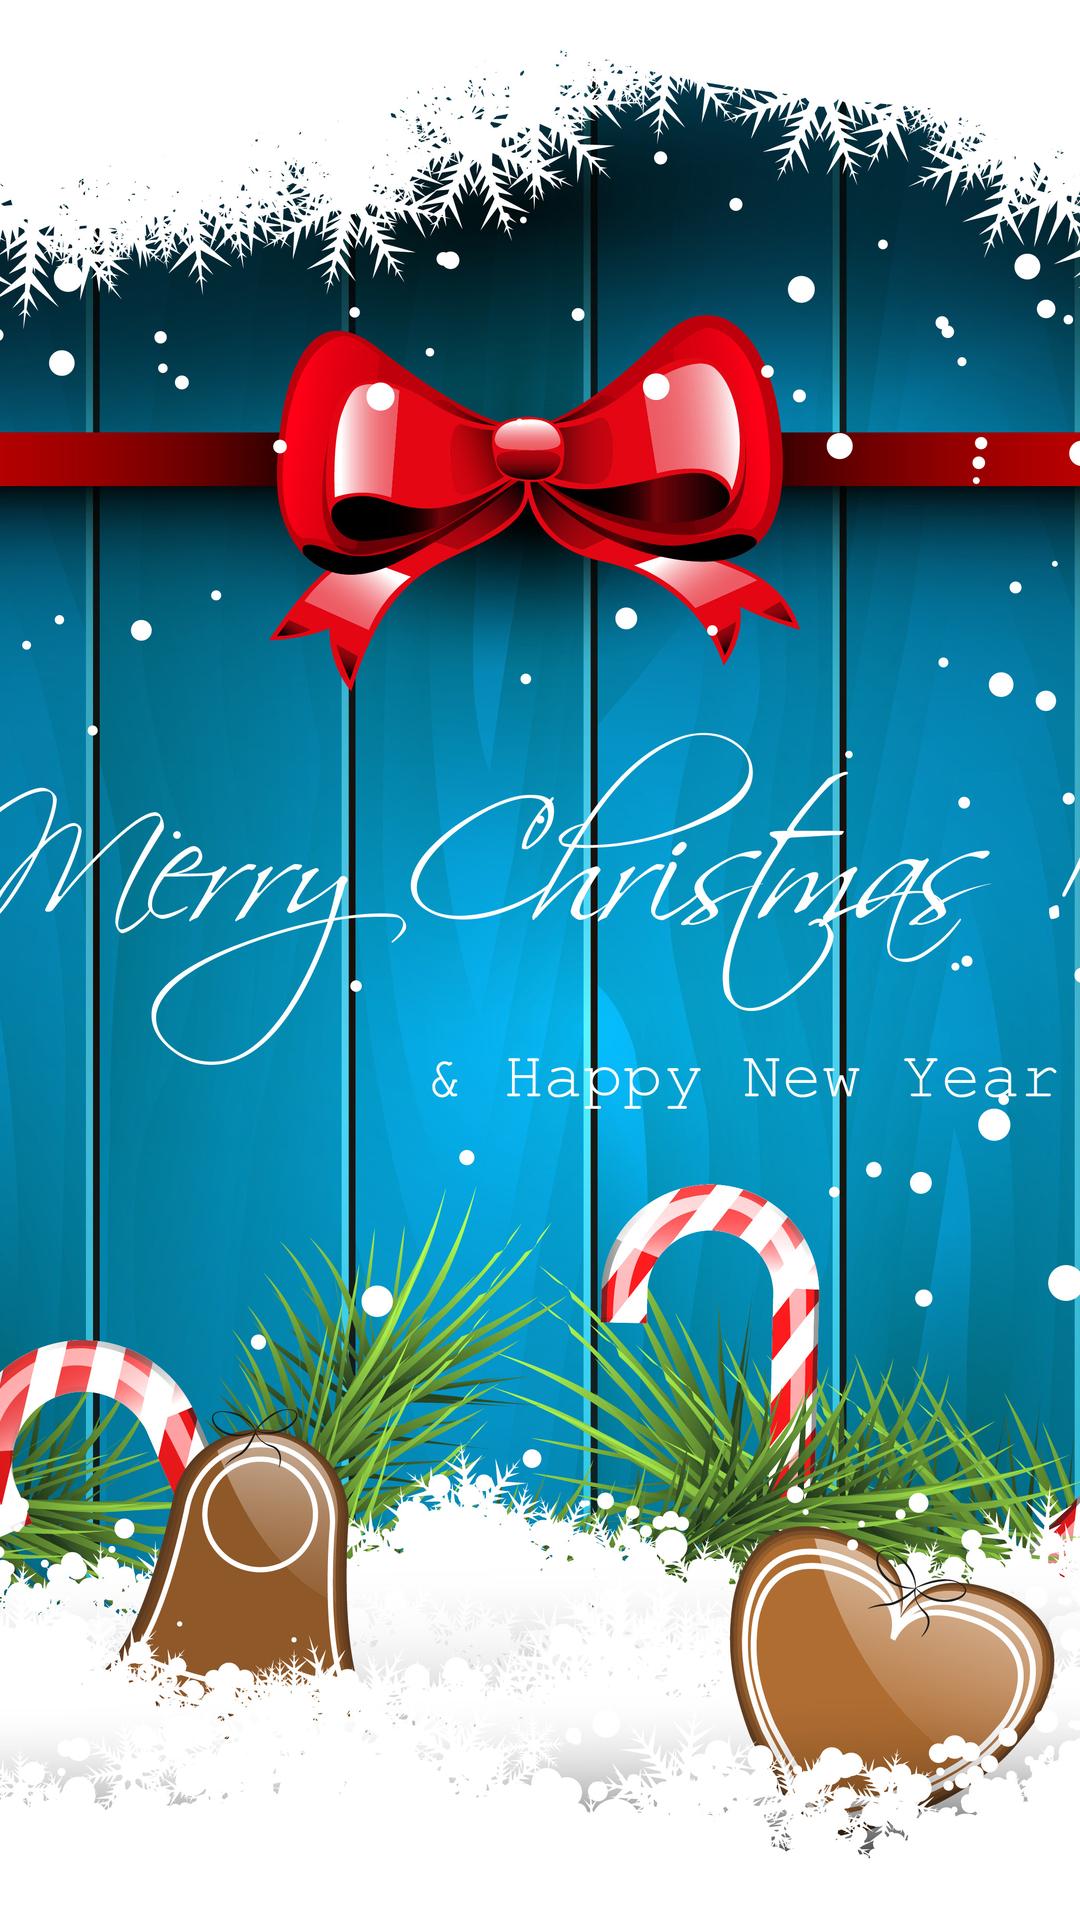 iPhone Wall Christmas & HNY tjn Xmas wallpaper